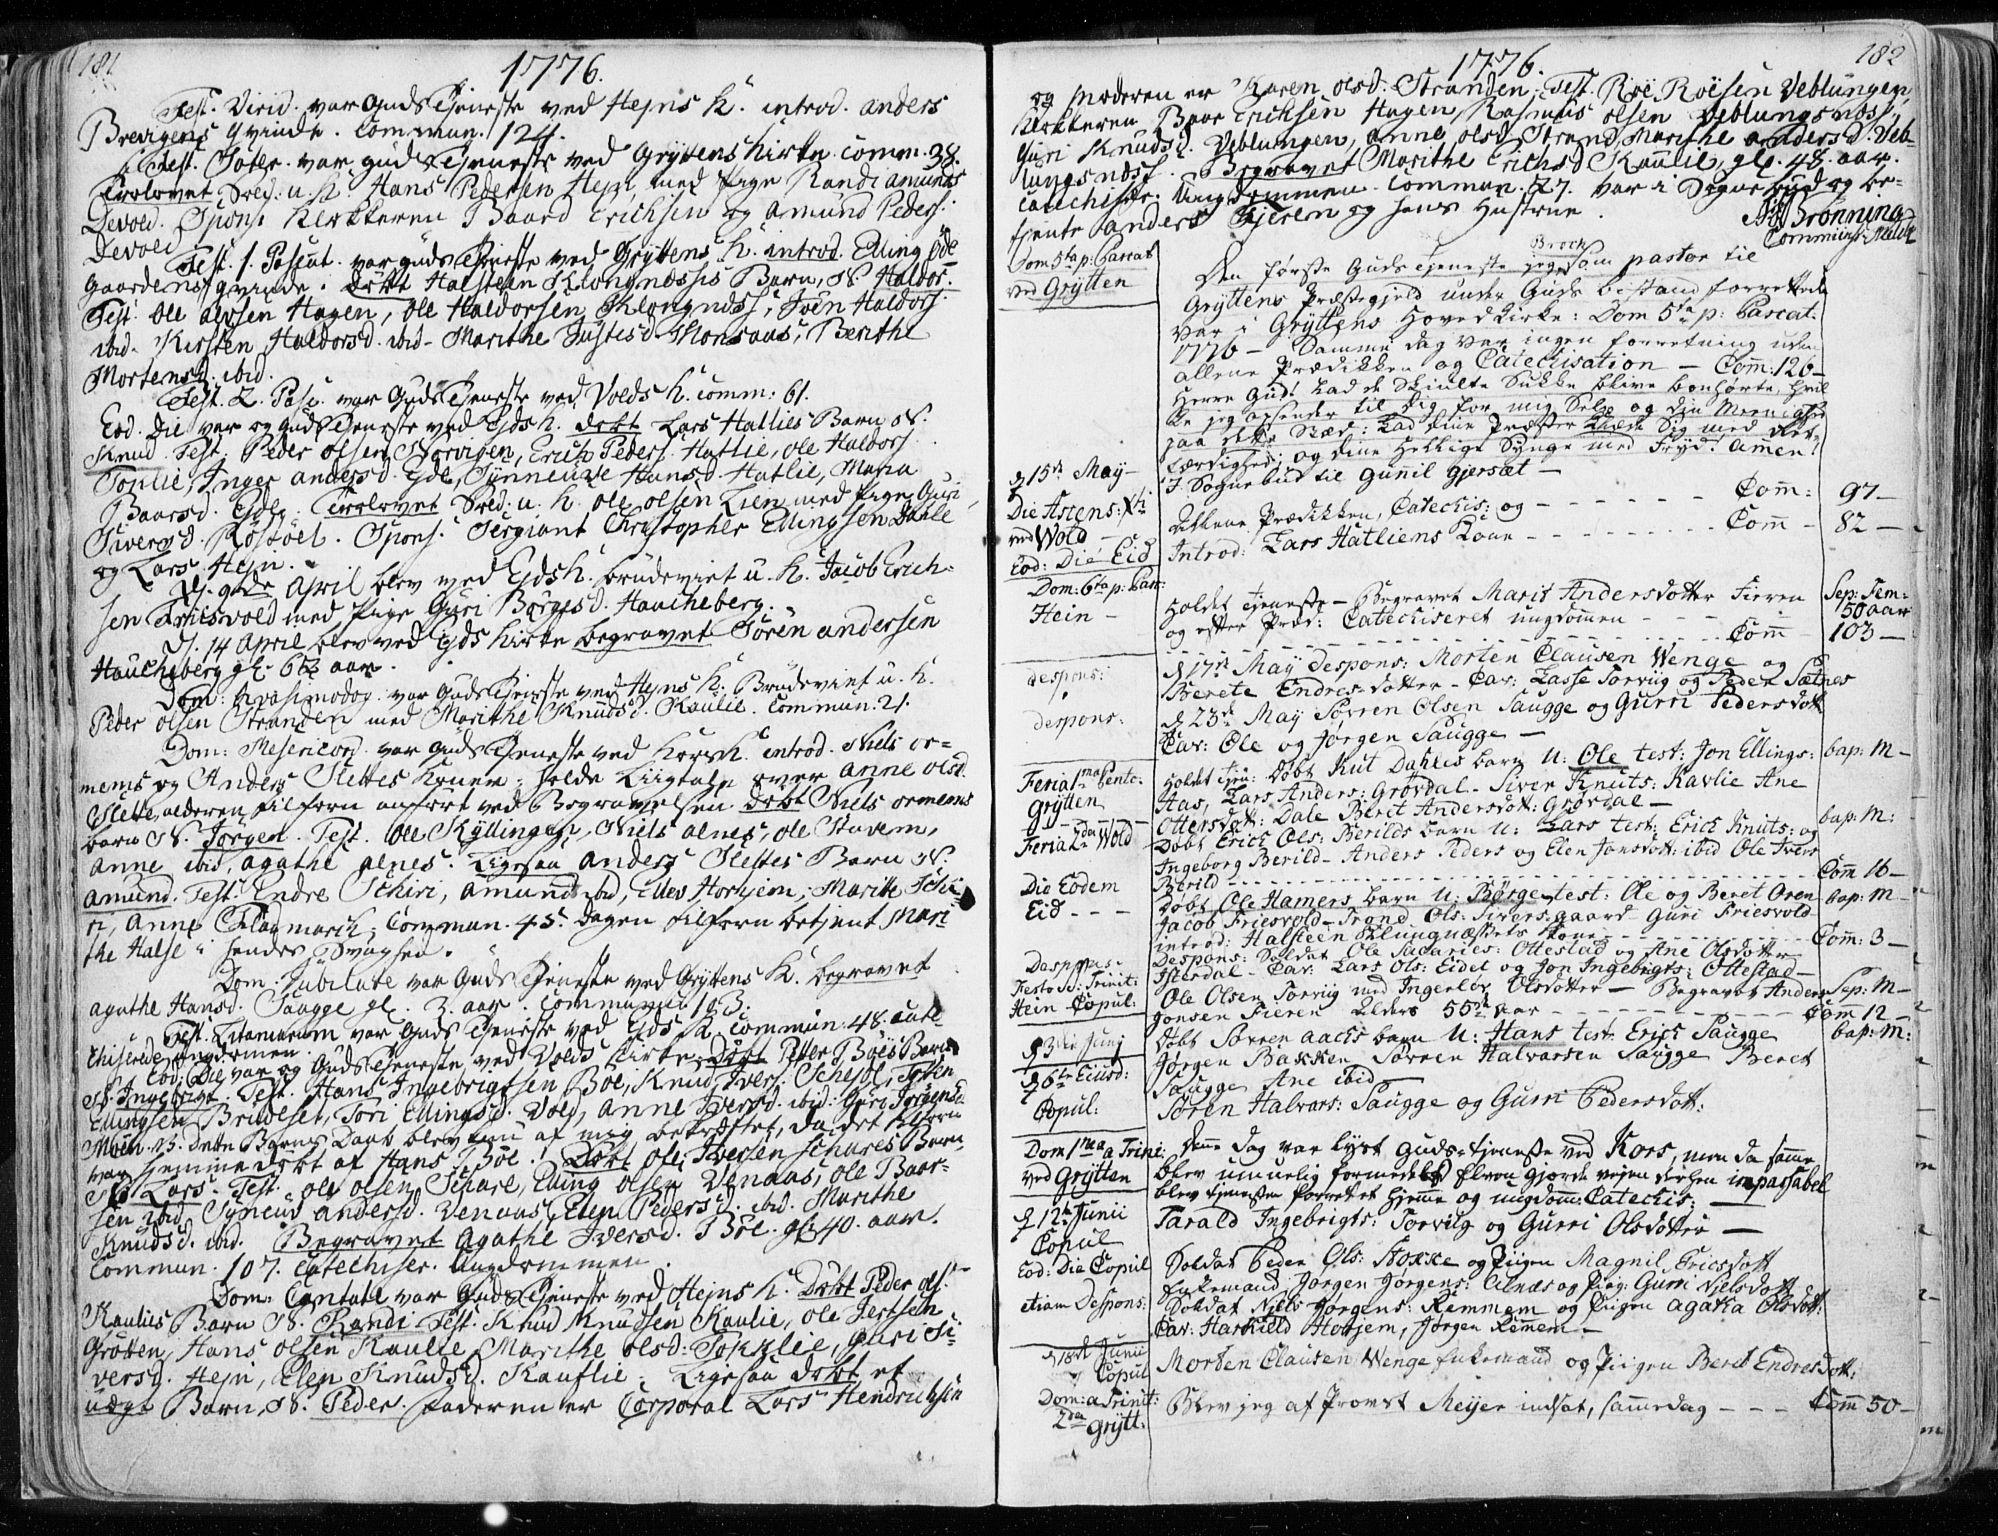 SAT, Ministerialprotokoller, klokkerbøker og fødselsregistre - Møre og Romsdal, 544/L0569: Ministerialbok nr. 544A02, 1764-1806, s. 181-182